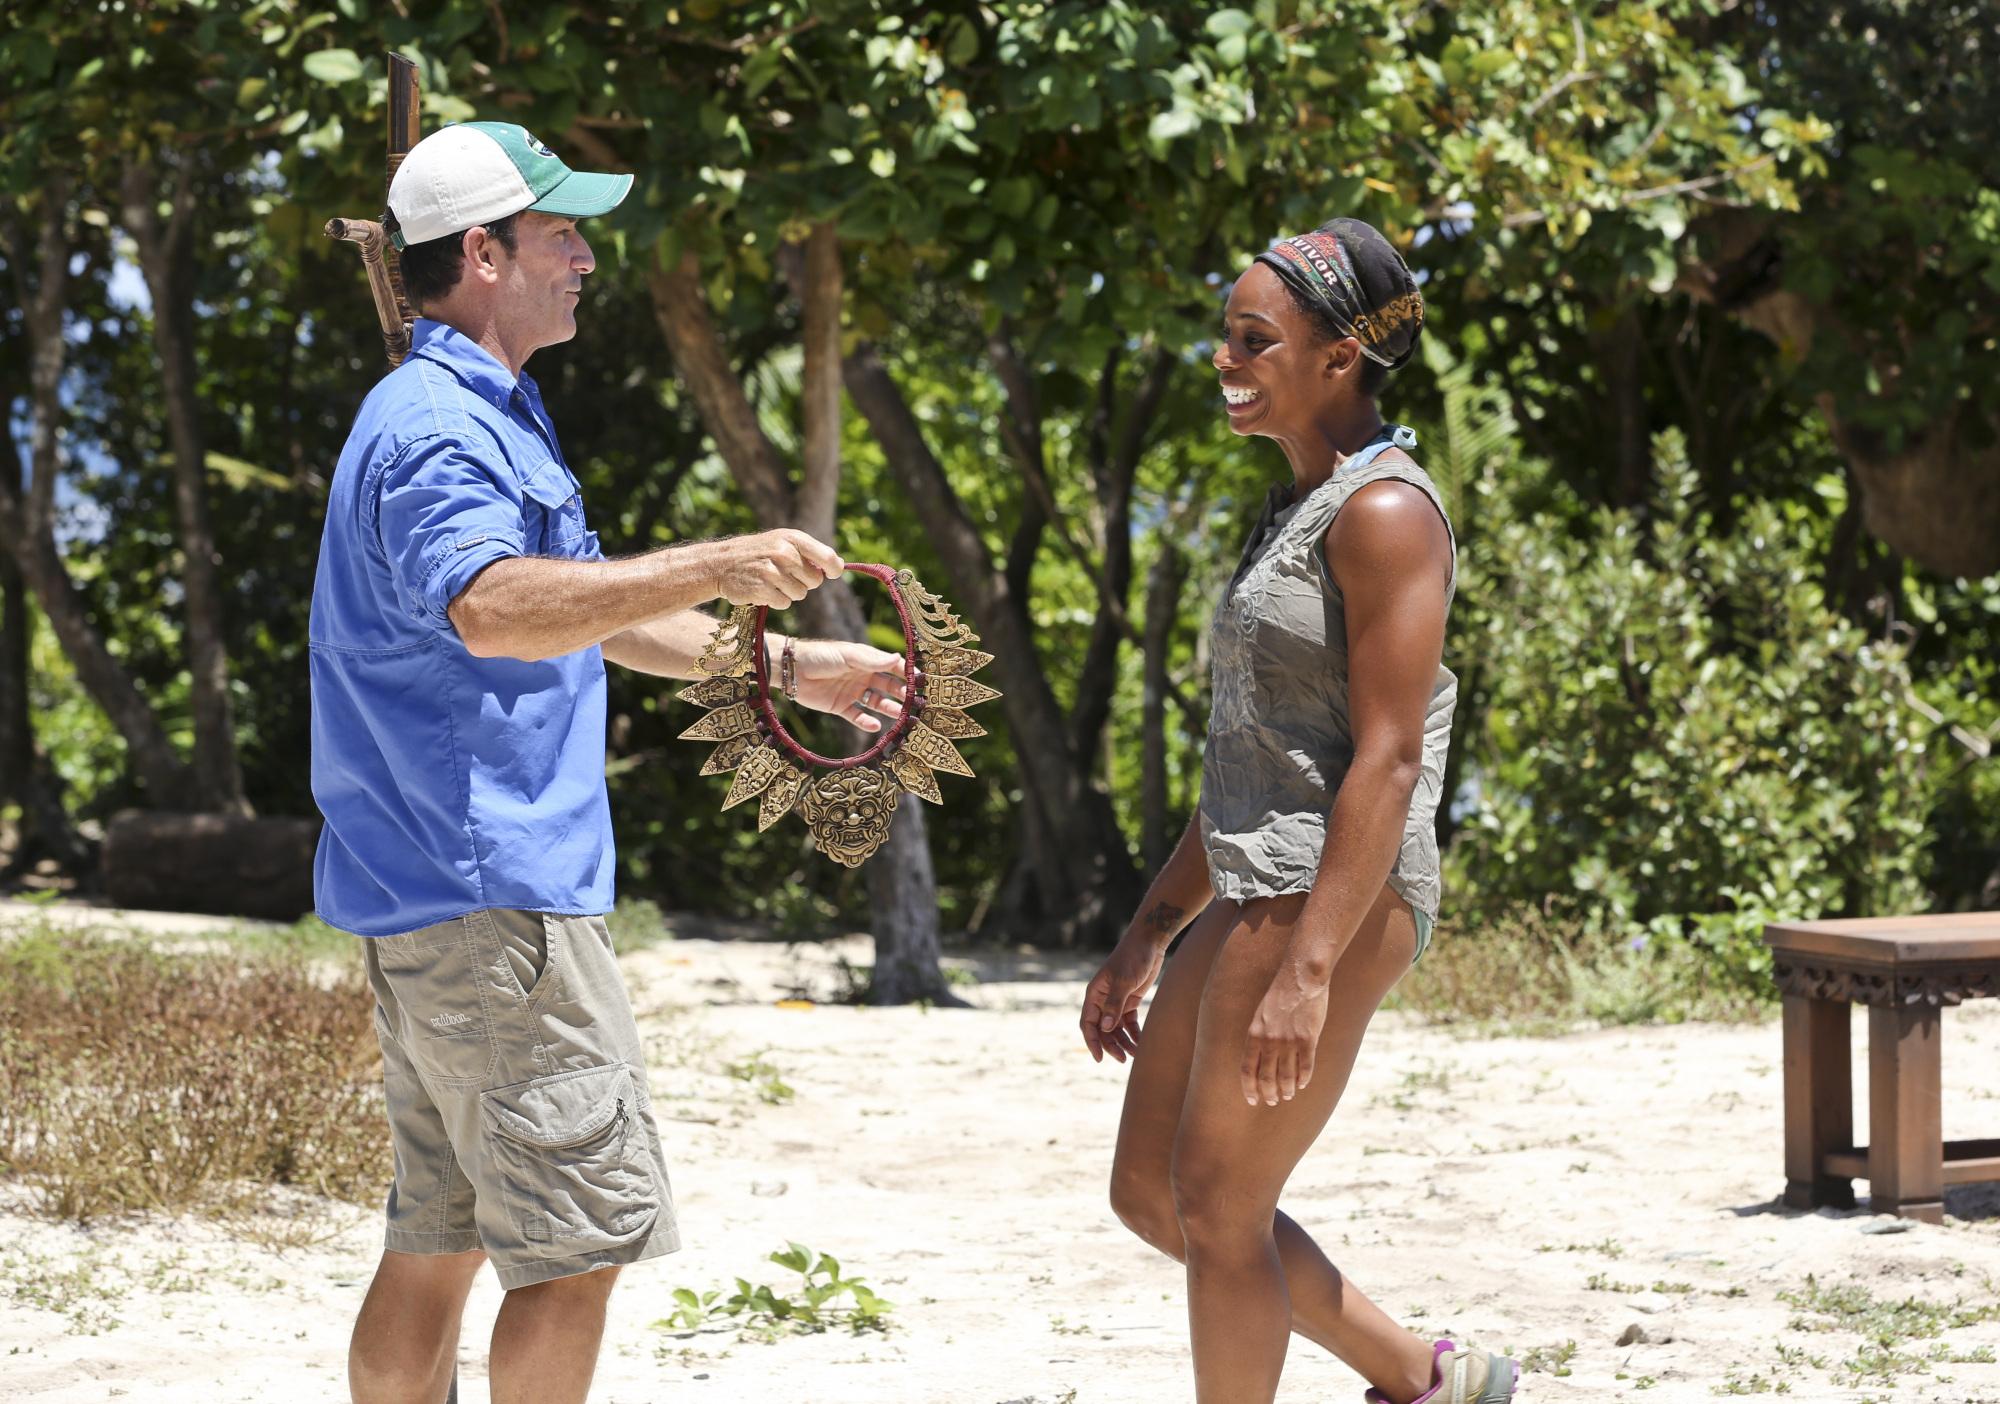 Tasha wins immunity in Season 28 Episode 8